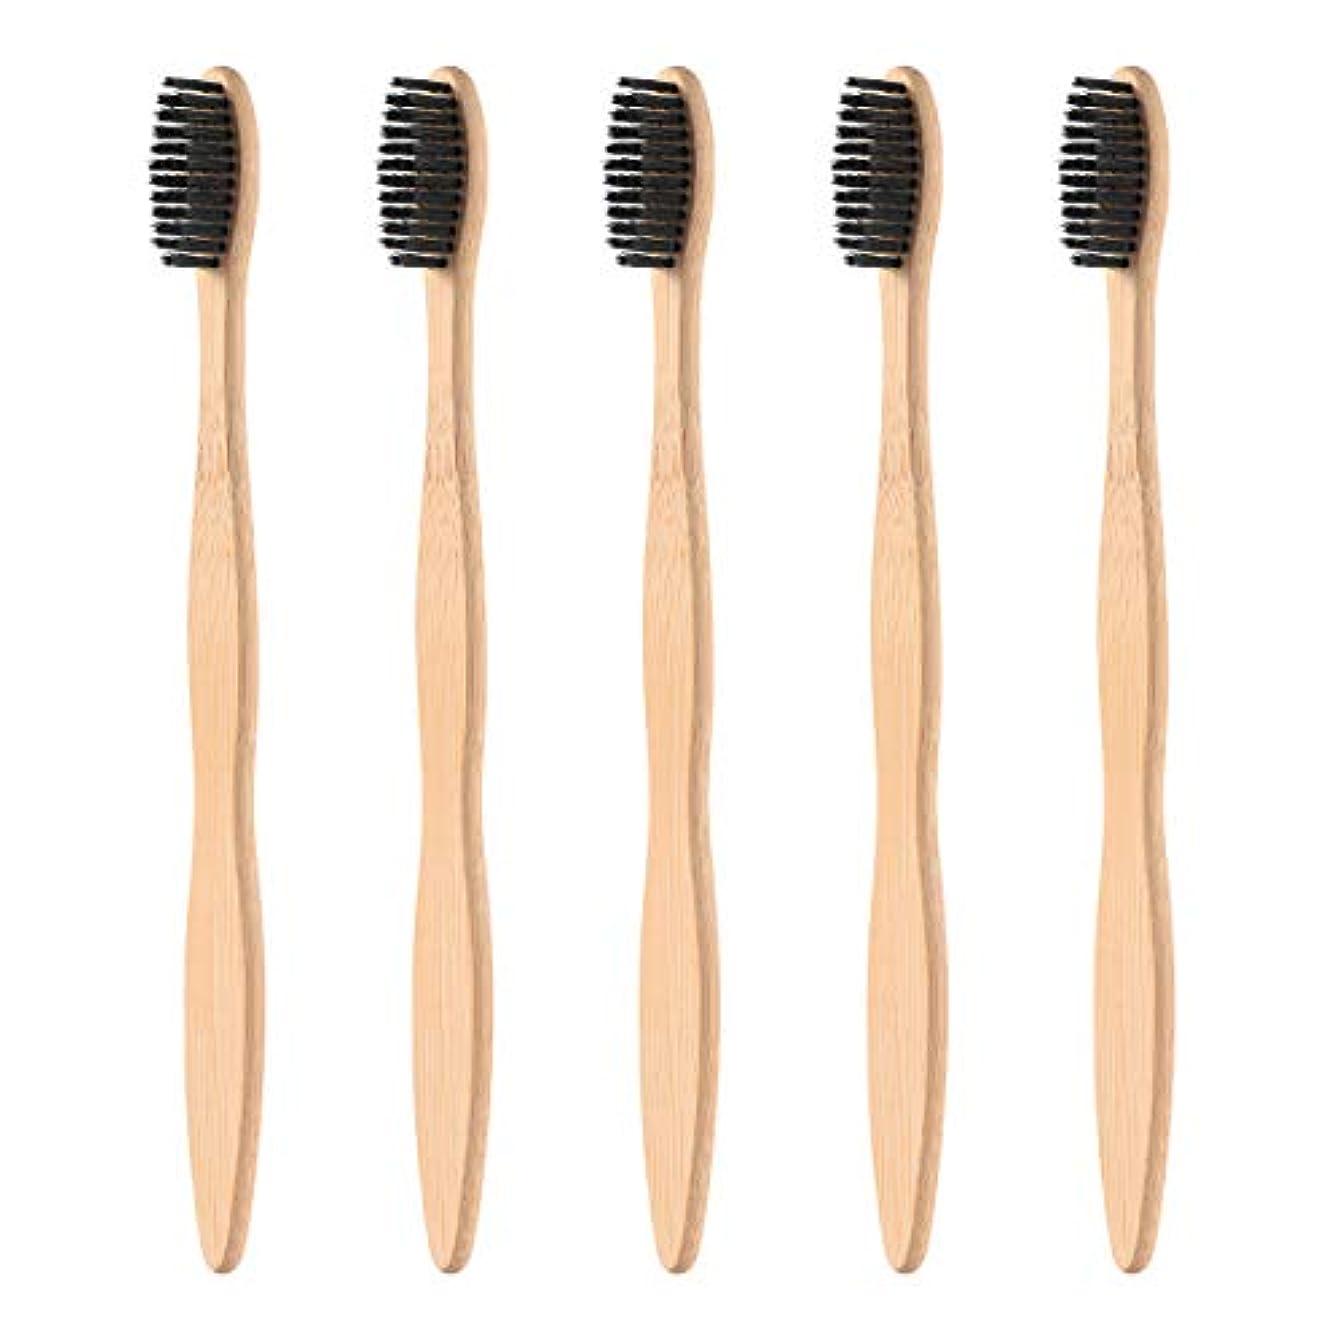 ゆるい正しく騒乱Healifty 柔らかい黒い剛毛が付いている5pcsタケハンドルの歯ブラシの自然な木のEcoの友好的な歯ブラシ